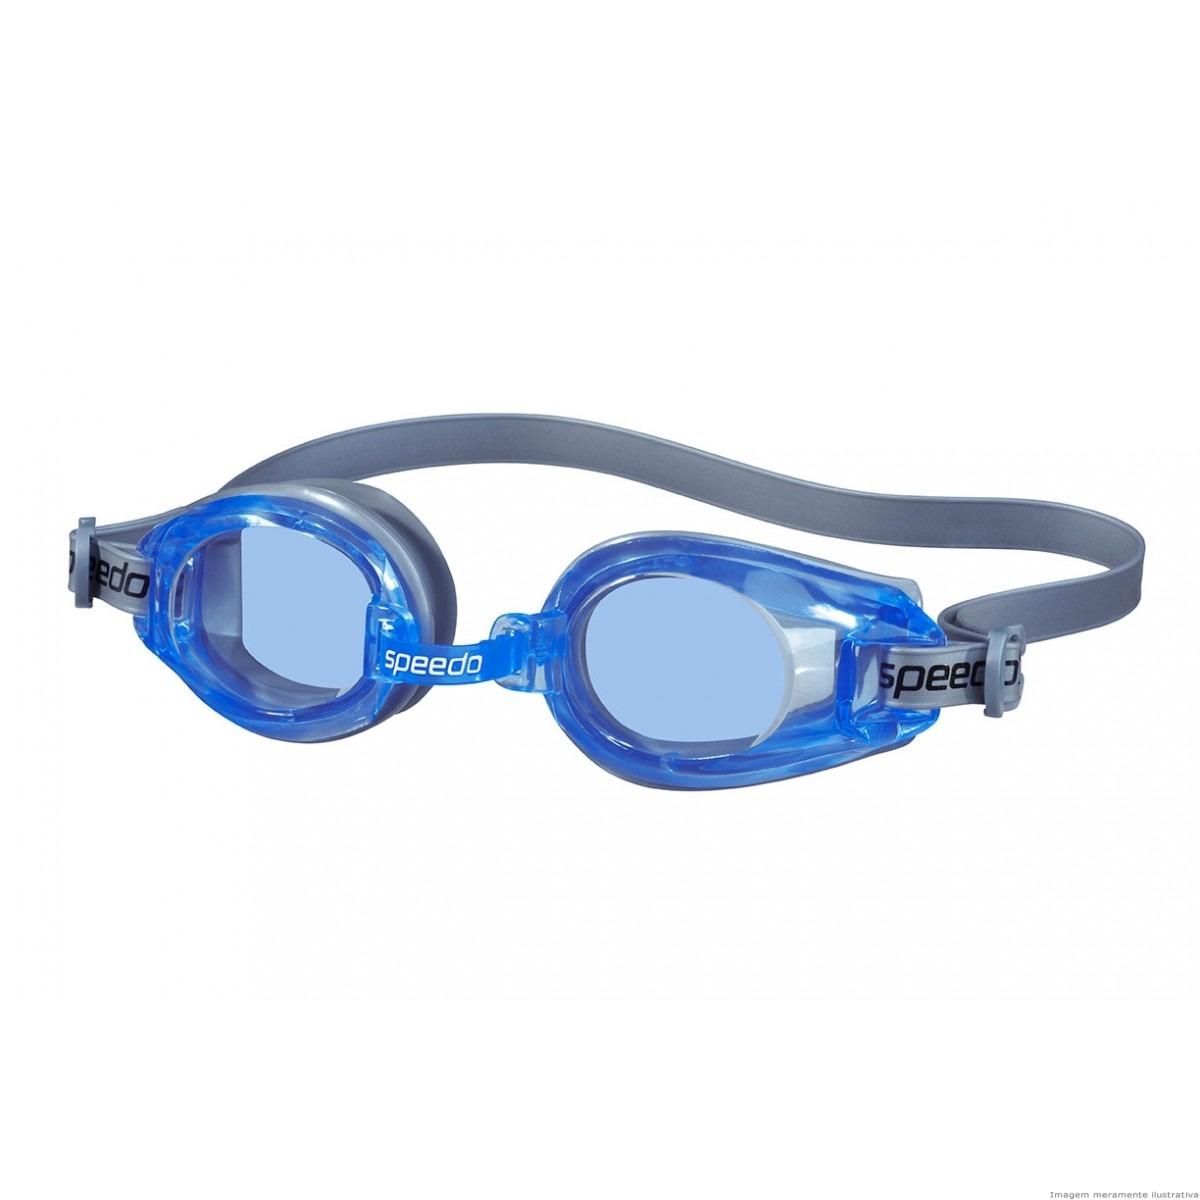 00abafcfc óculos de proteção para natação lazer - speedo classic 2.0. Carregando zoom.